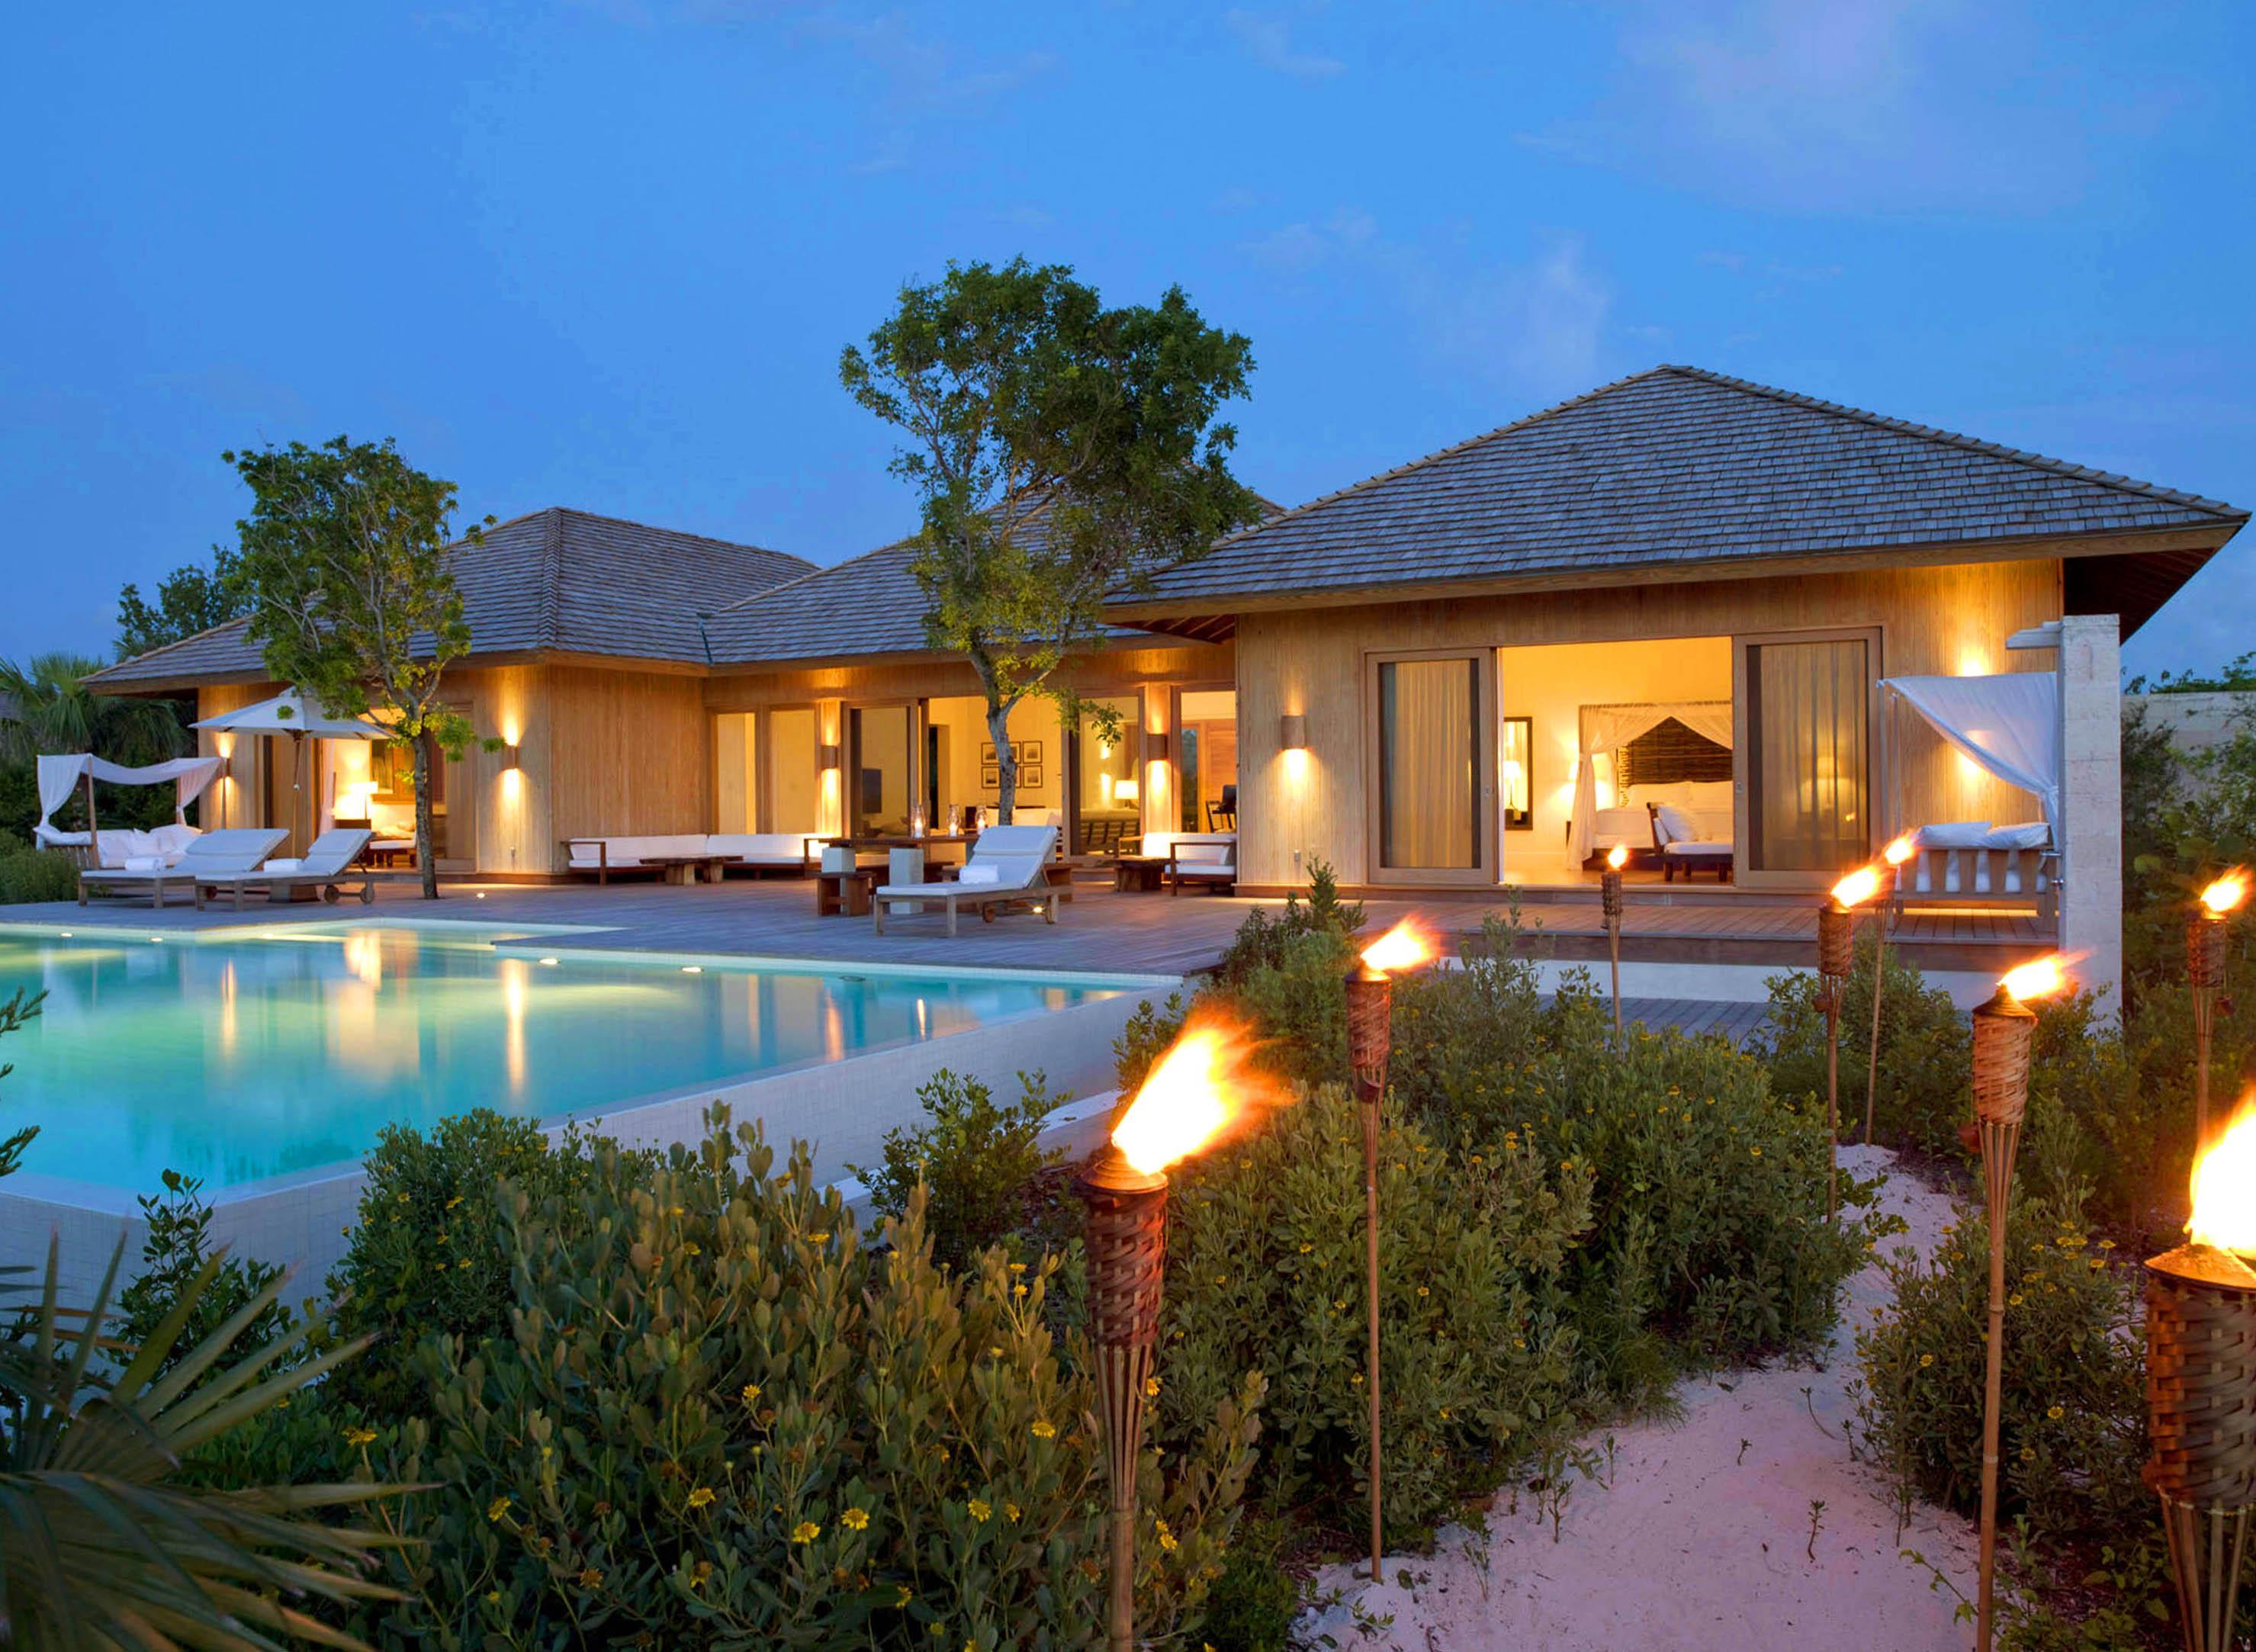 Les 7 hôtels bien-être de luxe isolés les plus chers au monde